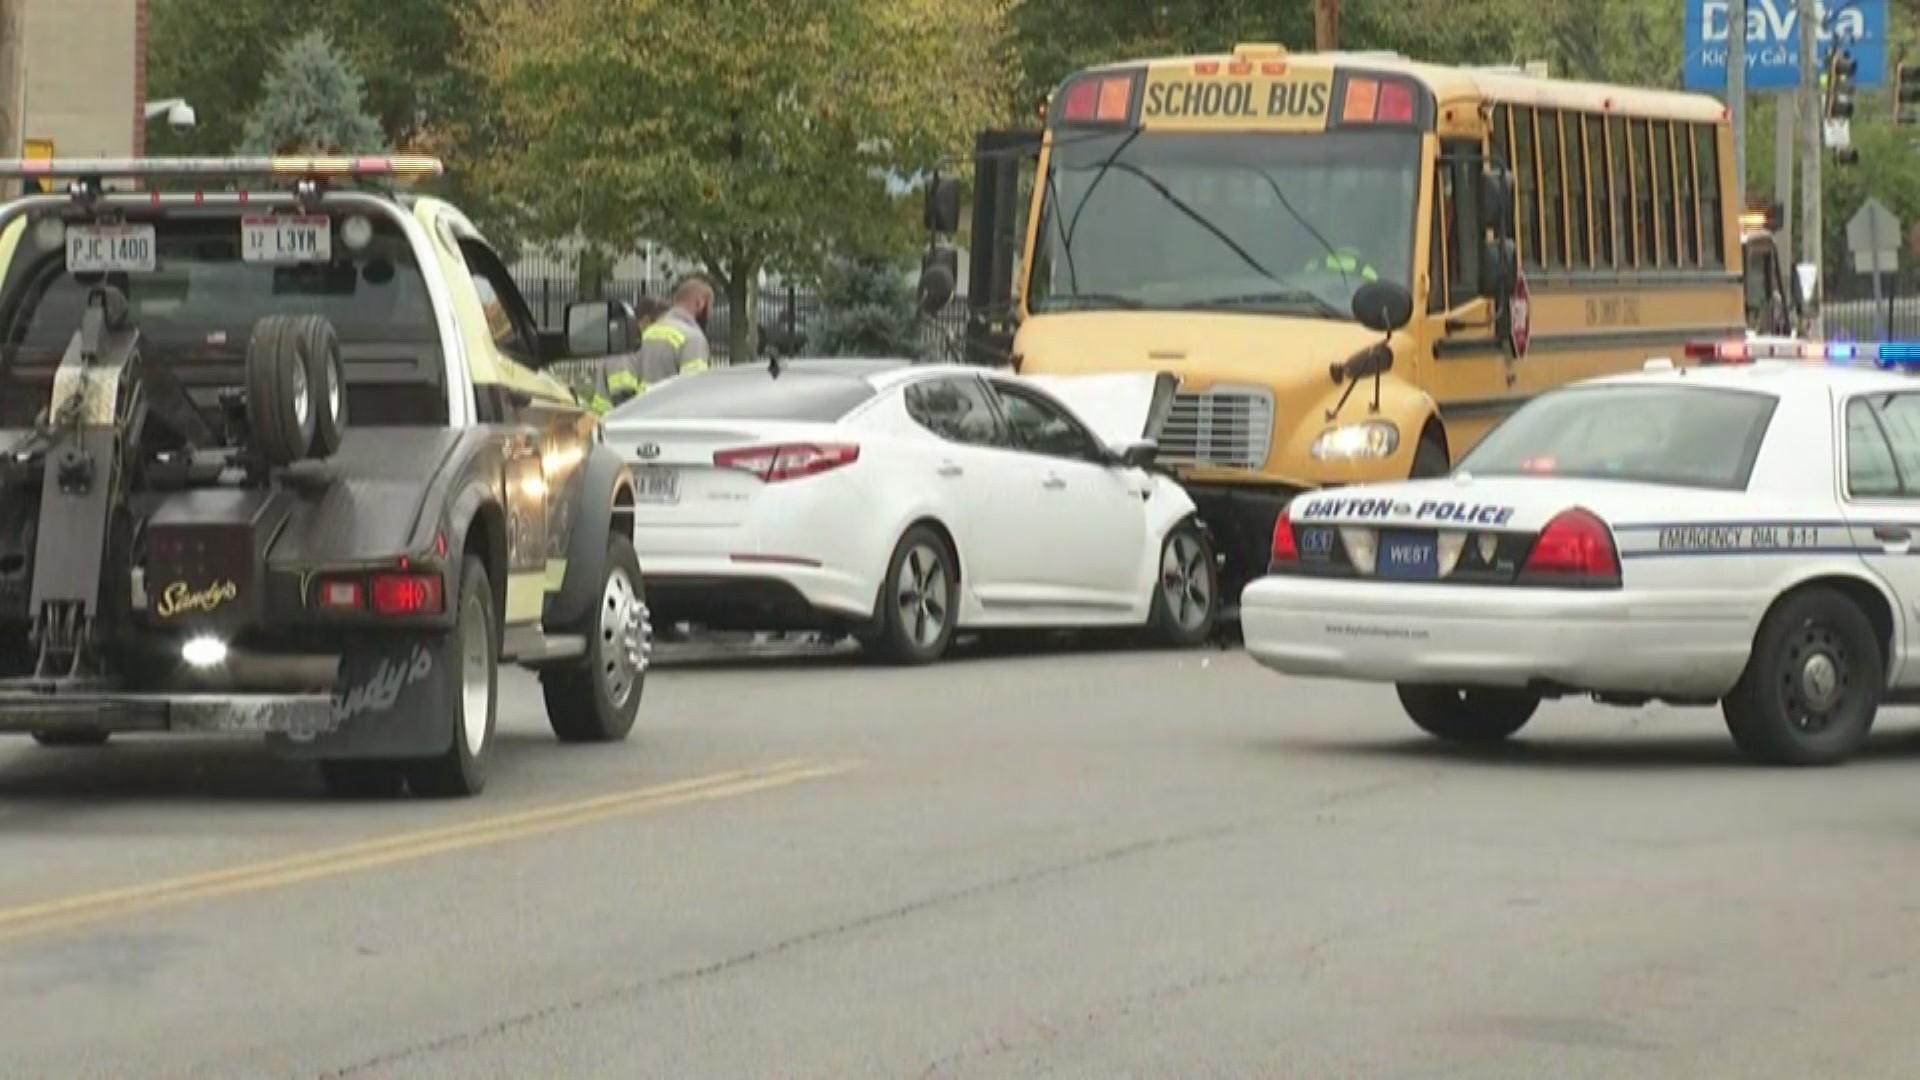 10-21 crash with school bus